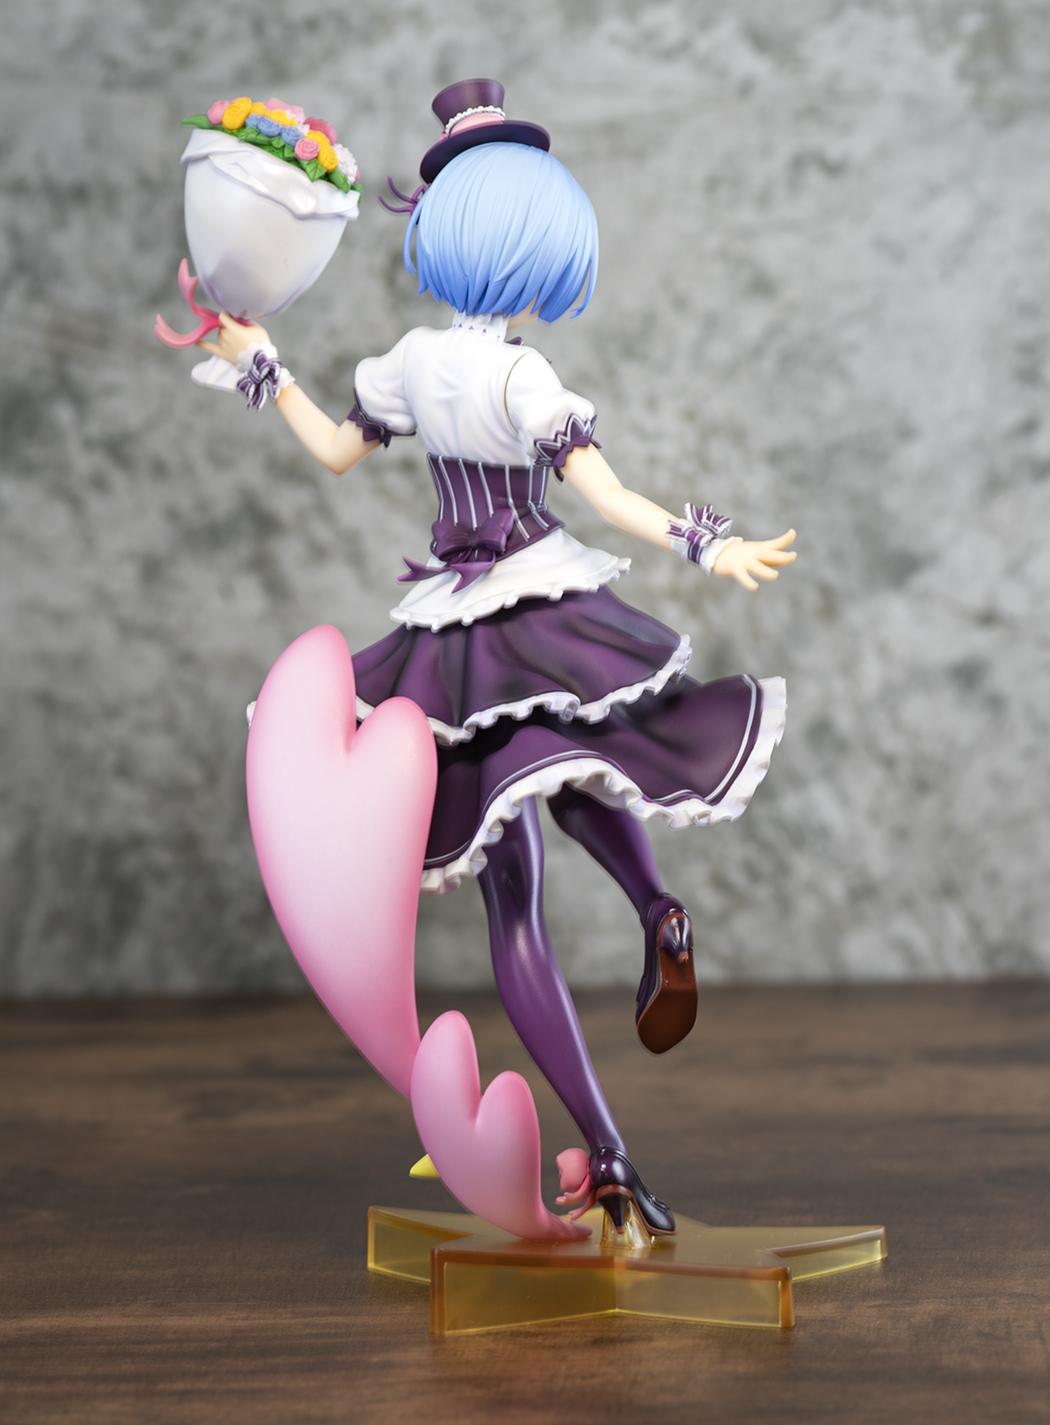 リゼロ ラム&レム 生誕祭Ver. コンプリートセット フィギュアレビュー5